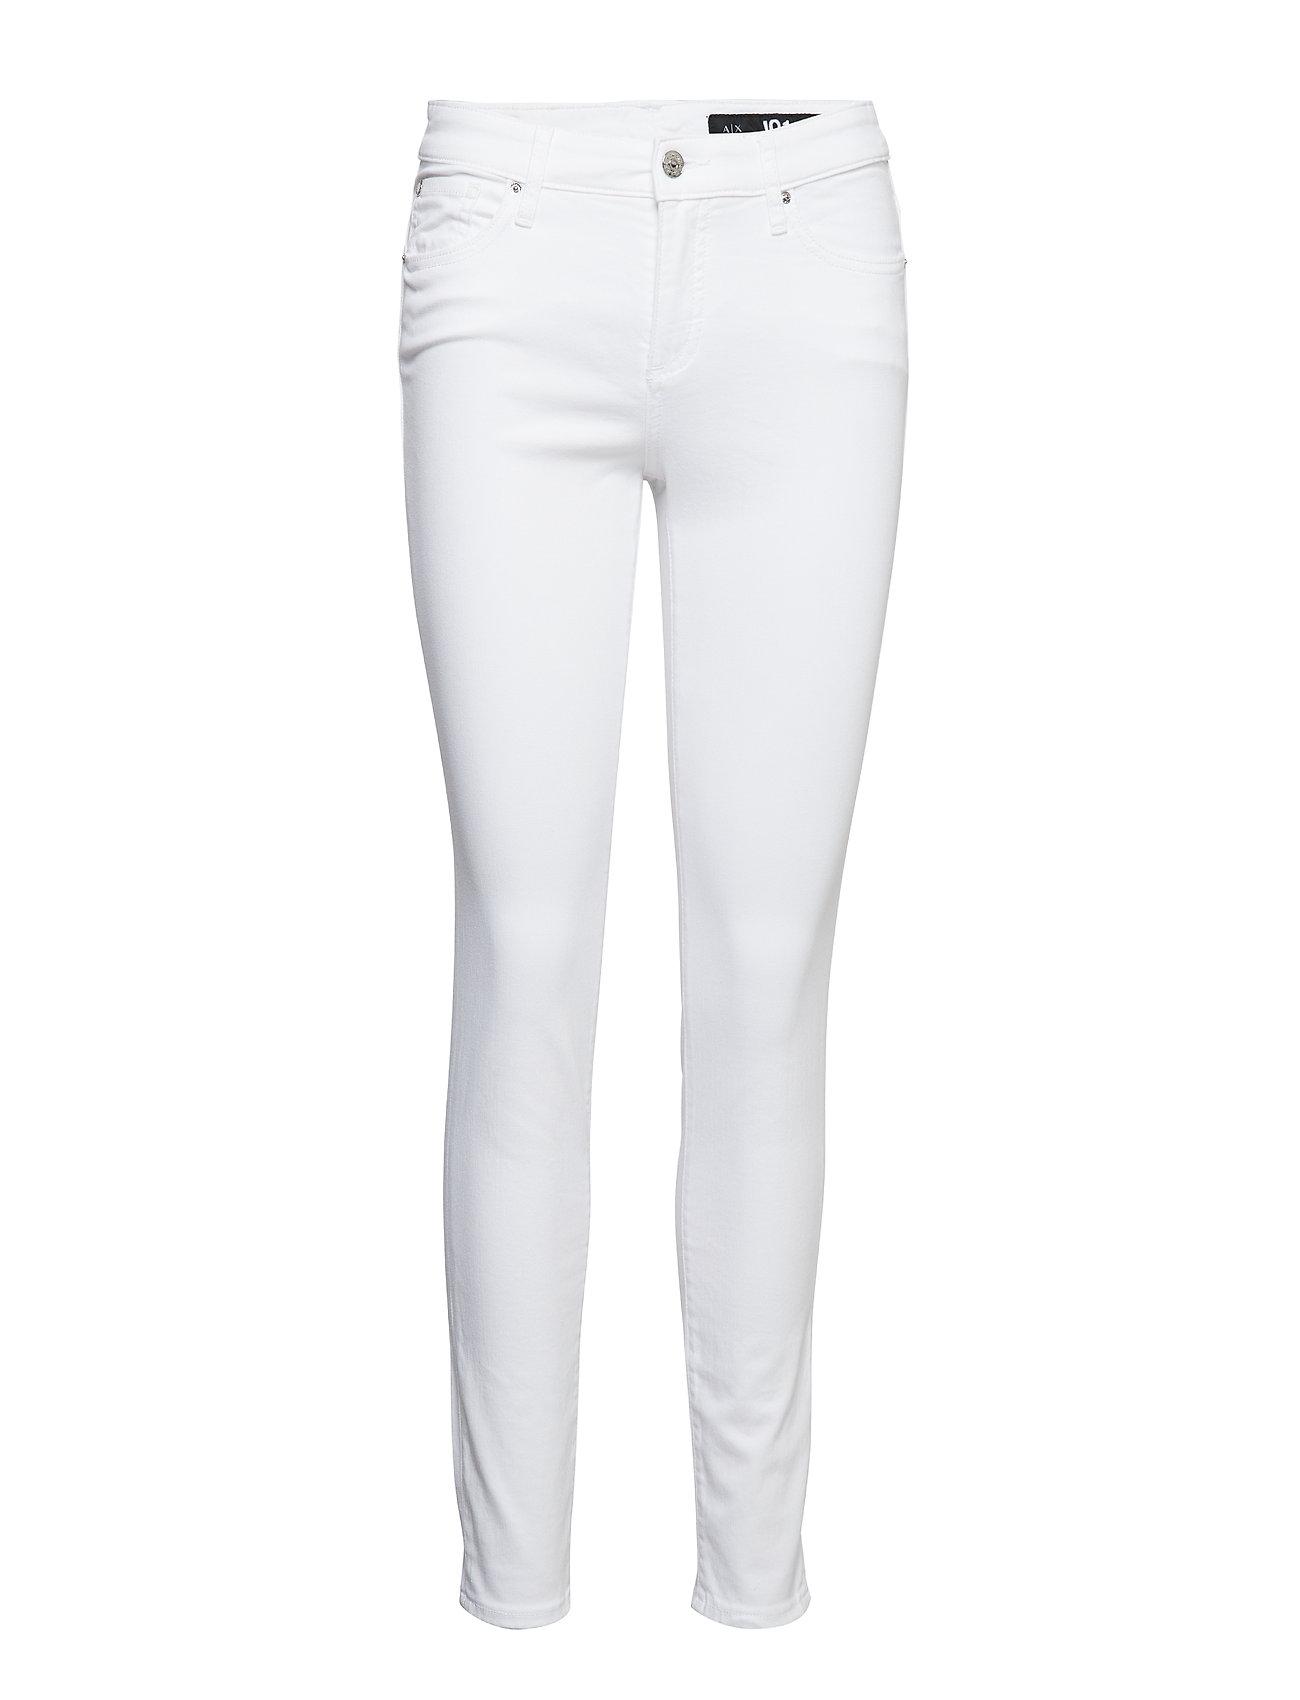 Armani Exchange WOMAN DENIM 5 POCKETS PANT - OPTIC WHITE